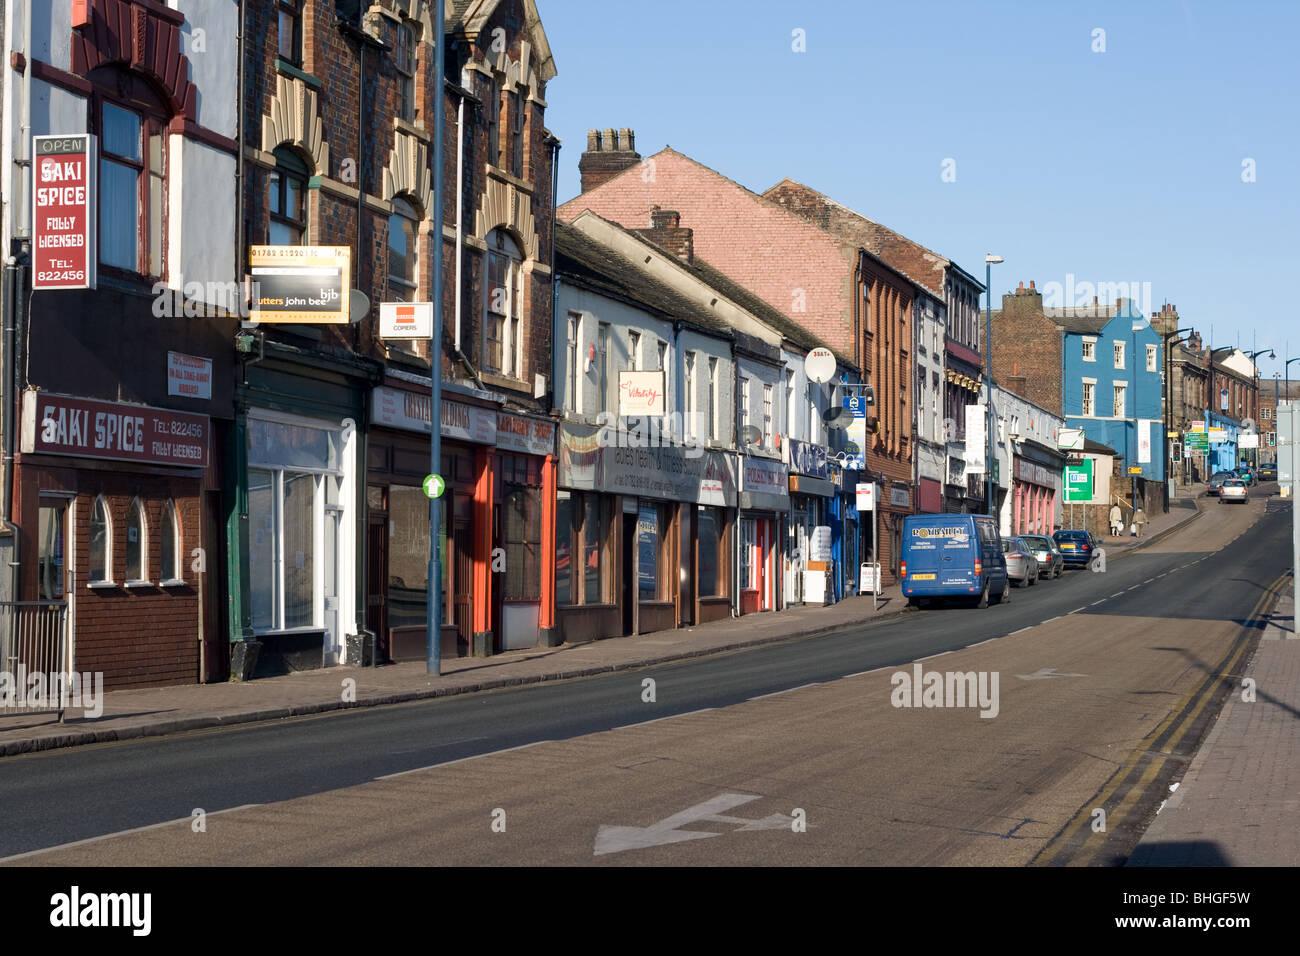 Waterloo Road Burslem Stoke-on-Trent & Waterloo Road Burslem Stoke-on-Trent Stock Photo: 28022677 - Alamy